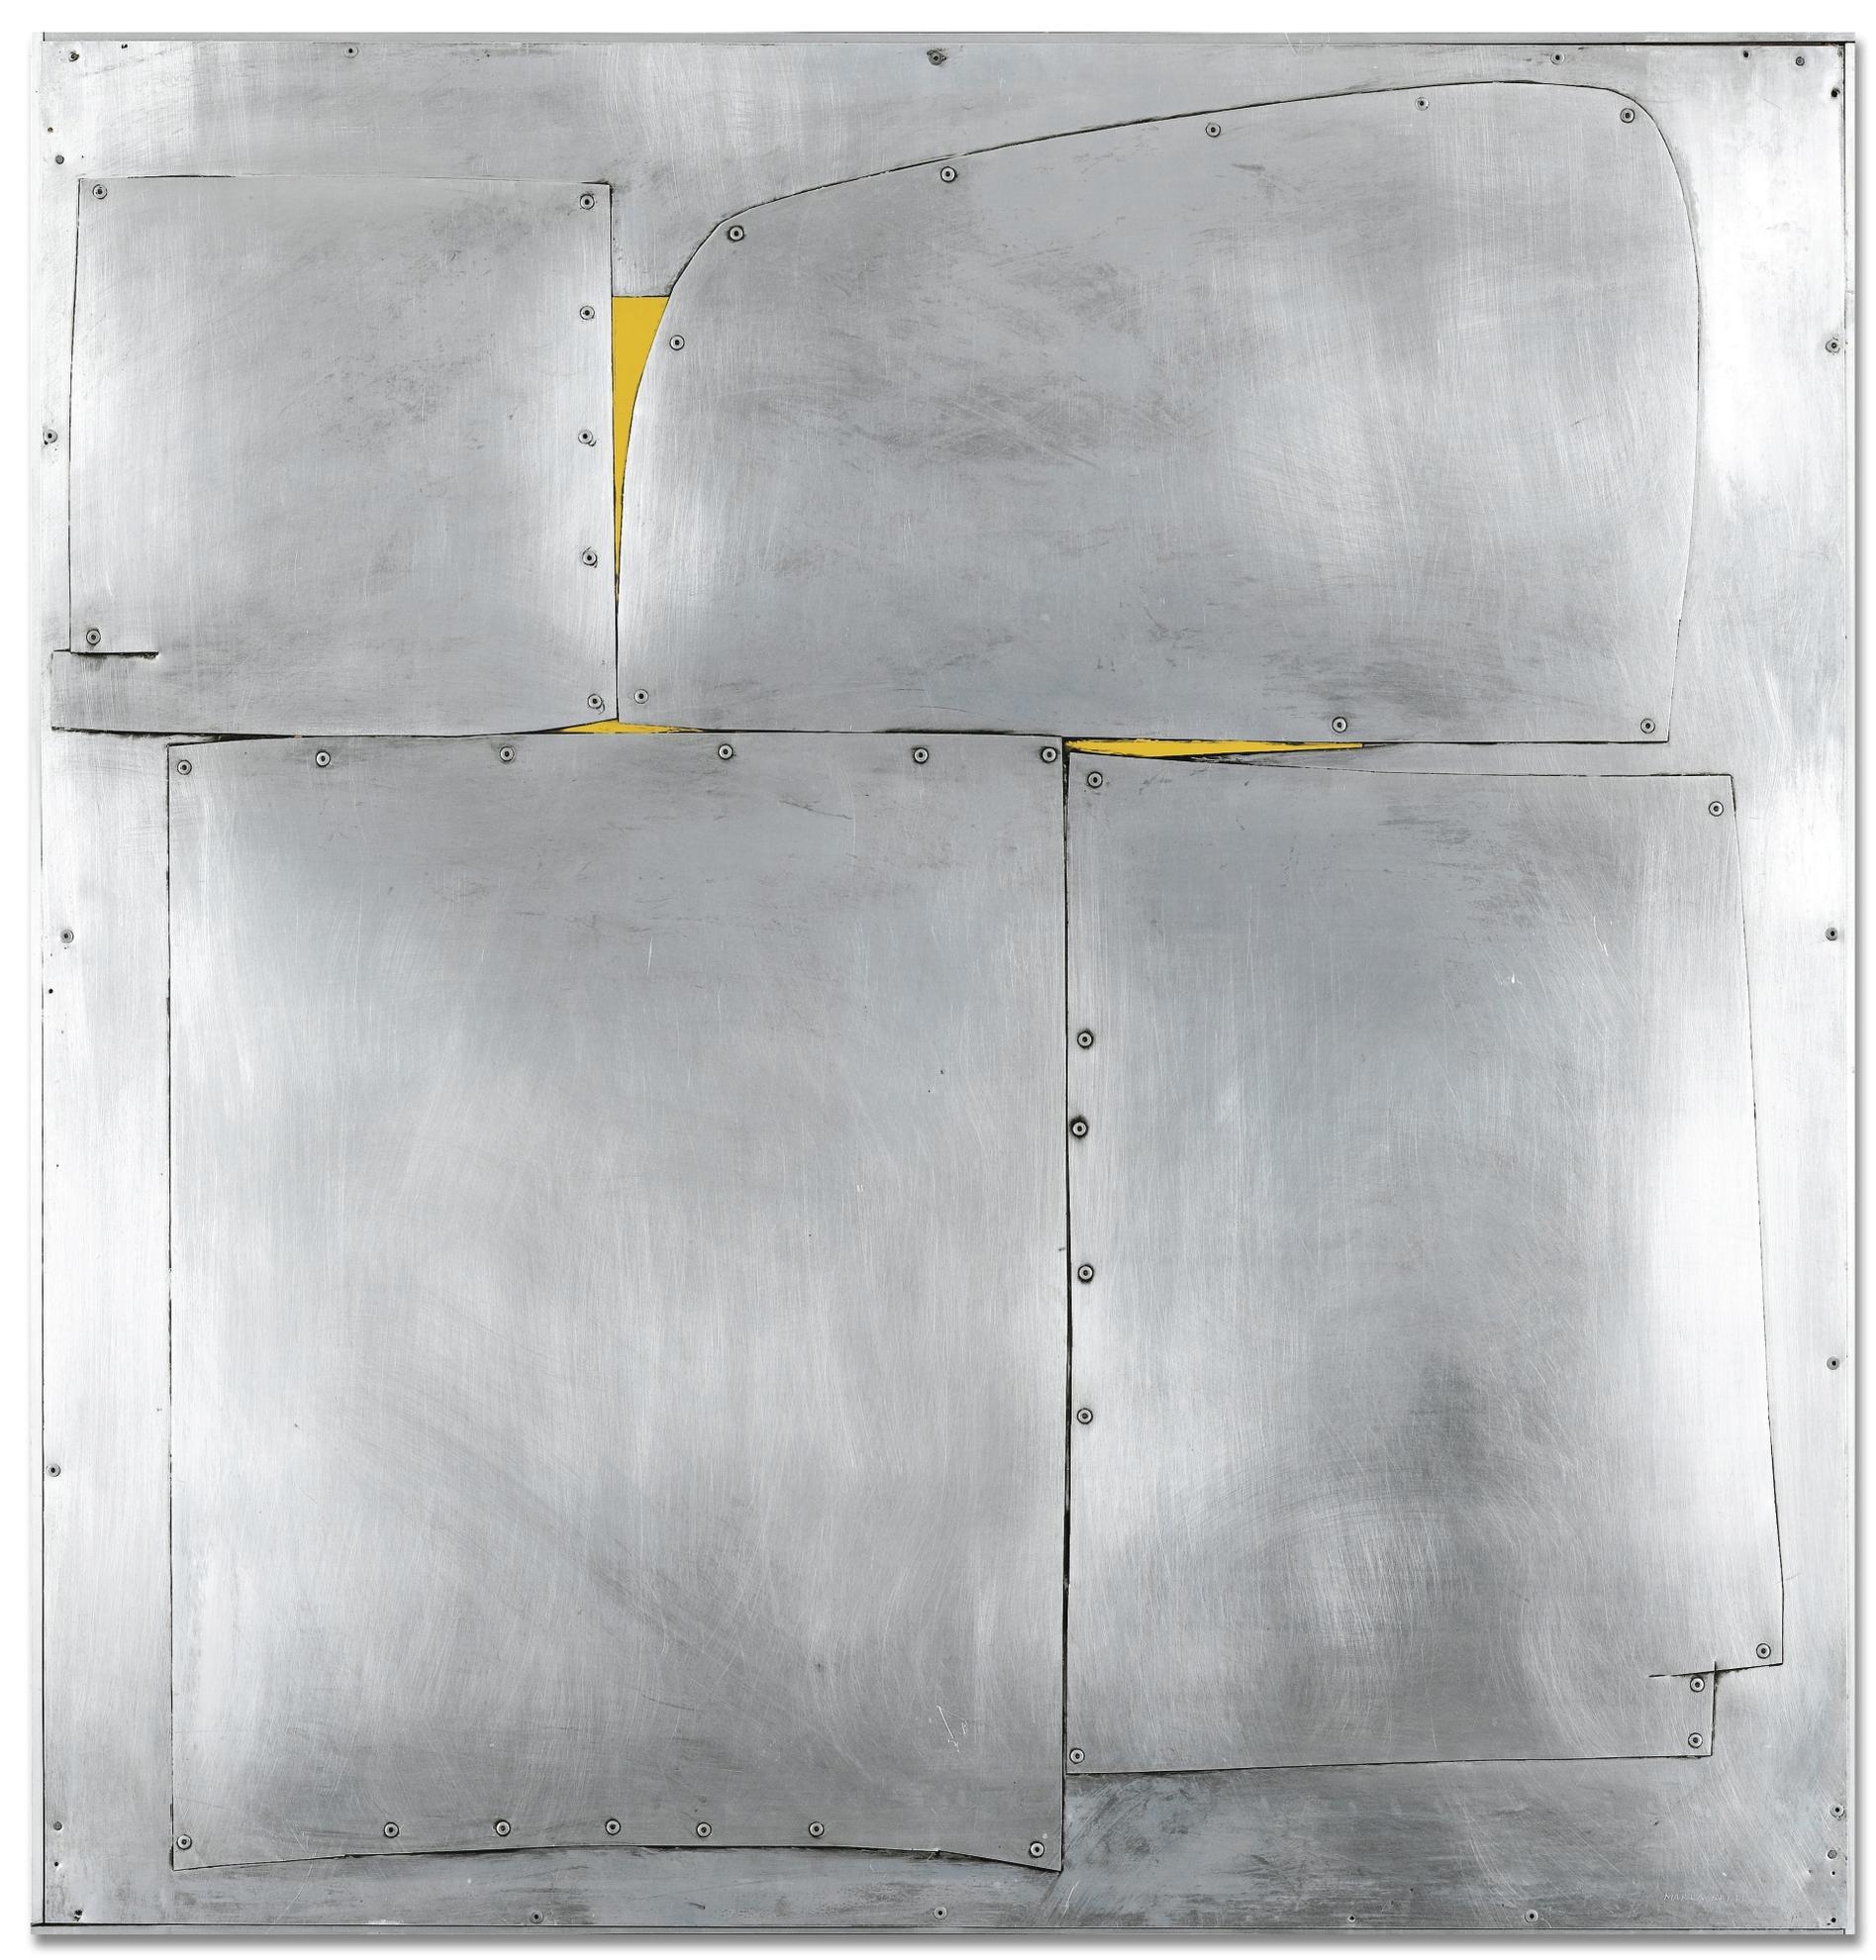 Conrad Marca-Relli-Untitled (M-4-63)-1963